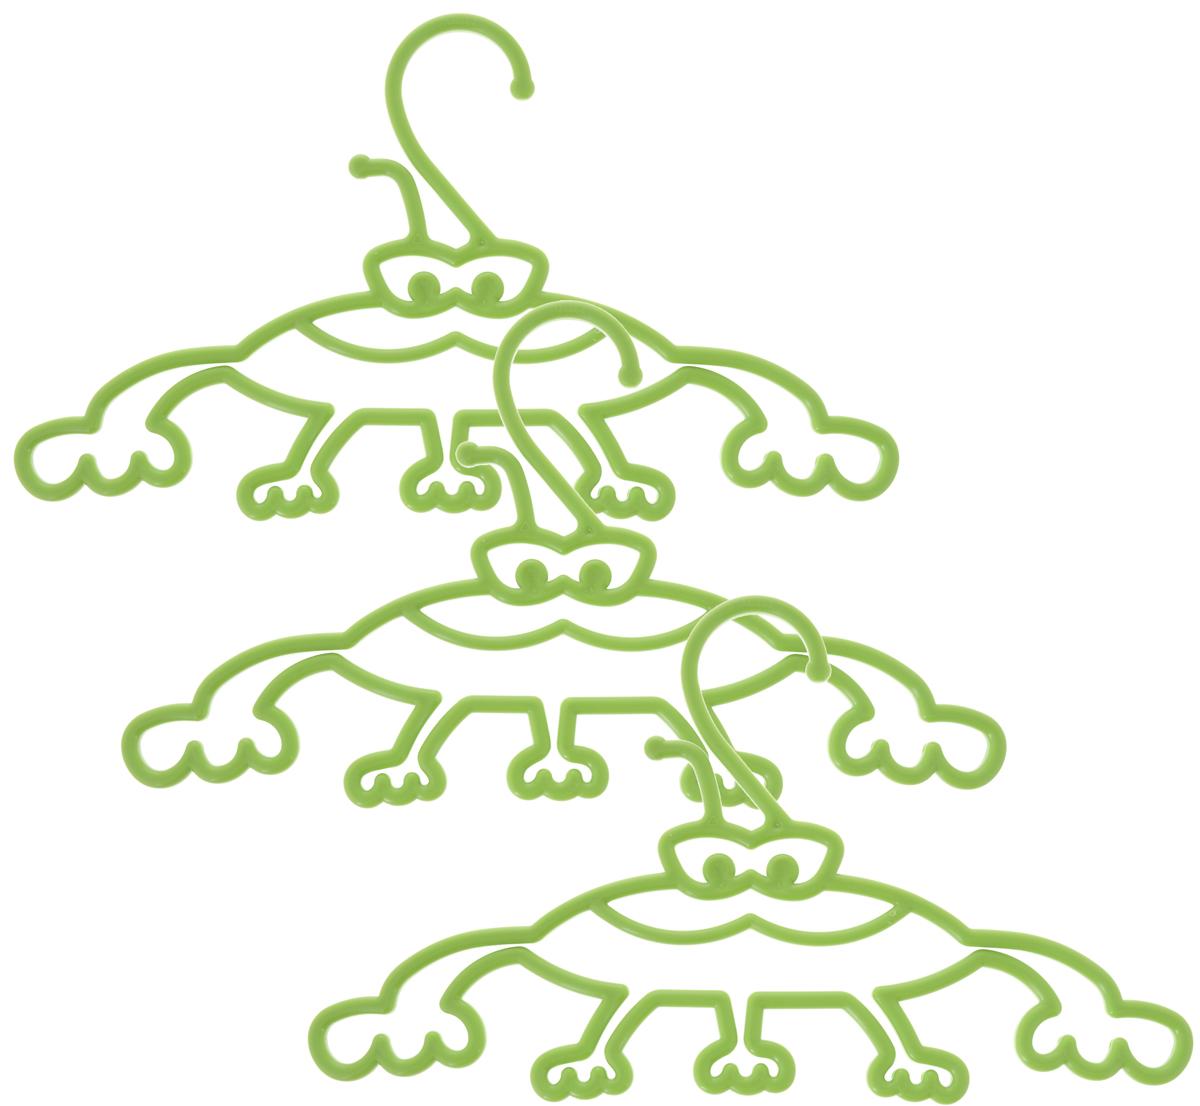 Набор вешалок Пластишка, с крючками, цвет: салатовый, 3 штС13024Набор вешалок для одежды Пластишка, изготовленный из прочного полипропилена, состоит из 3 детских вешалок для одежды с закругленными плечиками. Изделия оснащены крючками.В составе вешалок не используется бисфенол А, что делает их использование гораздо безопаснее. Забавный дизайн вешалок порадует как детей, так и их родителей. Вешалка - это незаменимая вещь для того, чтобы ваша одежда всегда оставалась в хорошем состоянии.Комплектация: 3 шт.